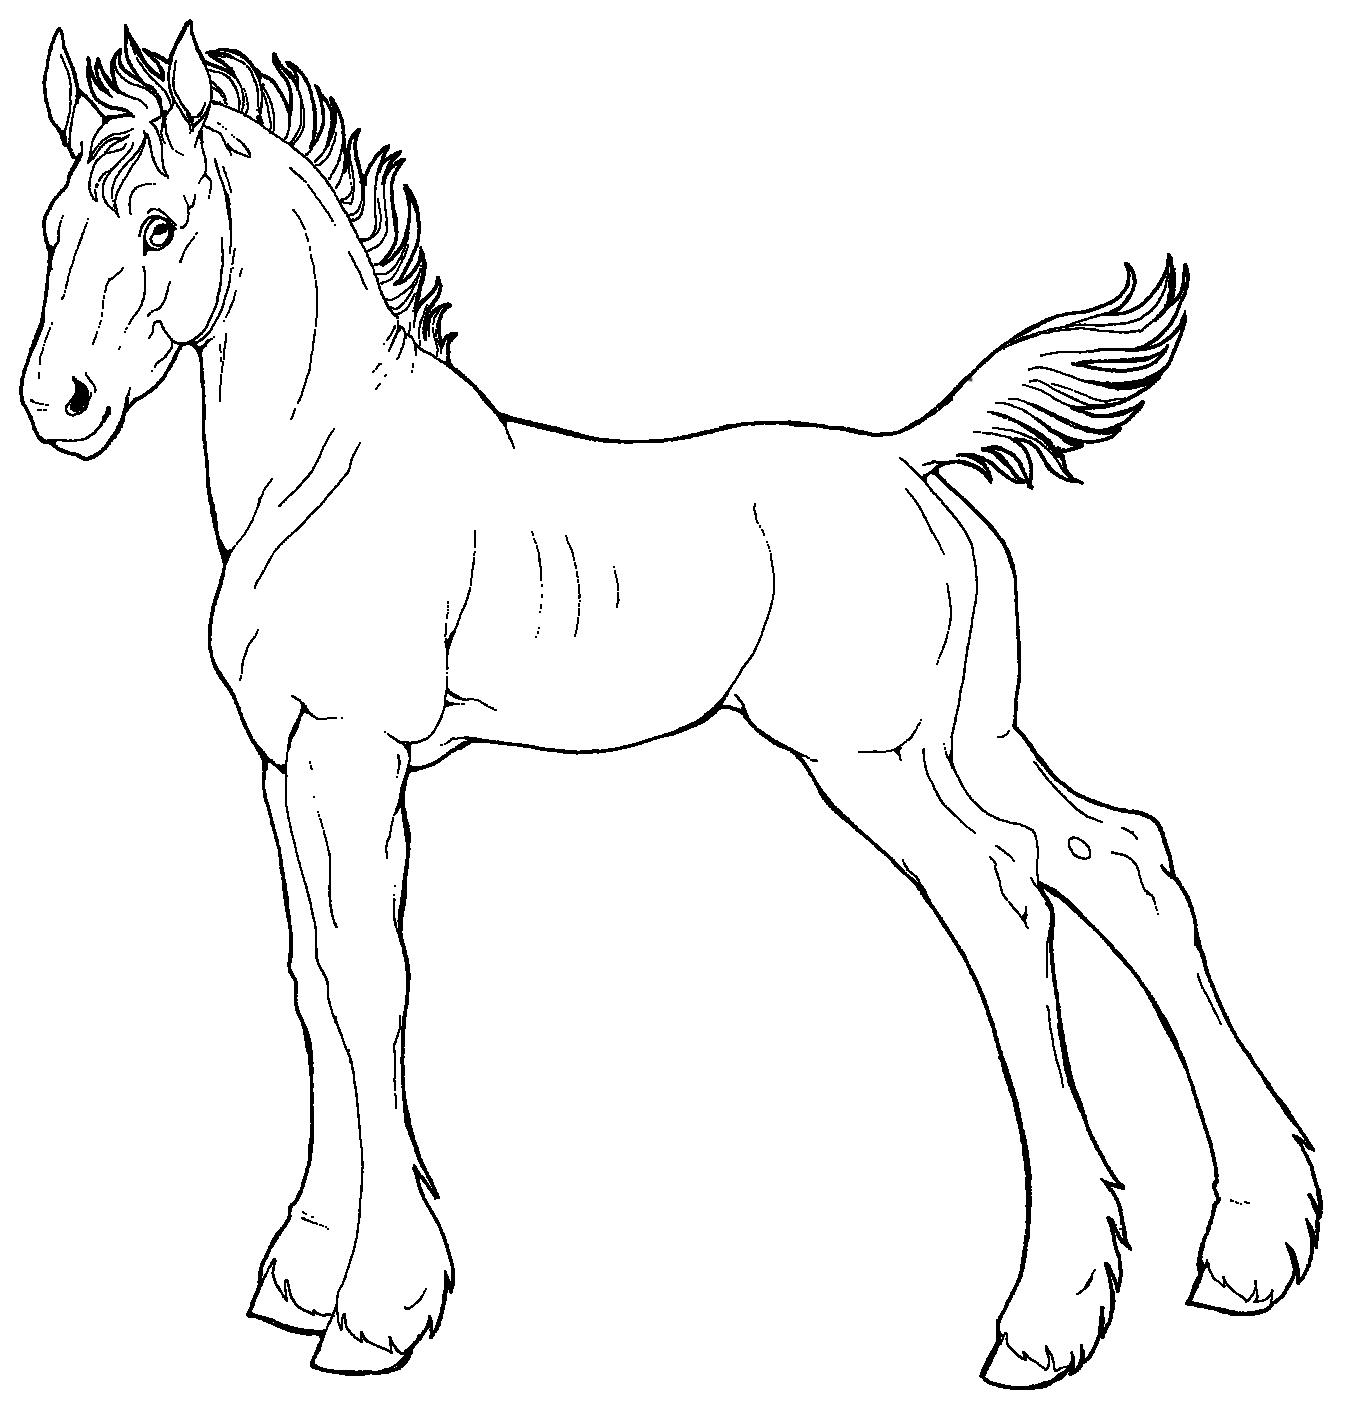 1362x1406 Free Line Art Draft Foal By Applehunter